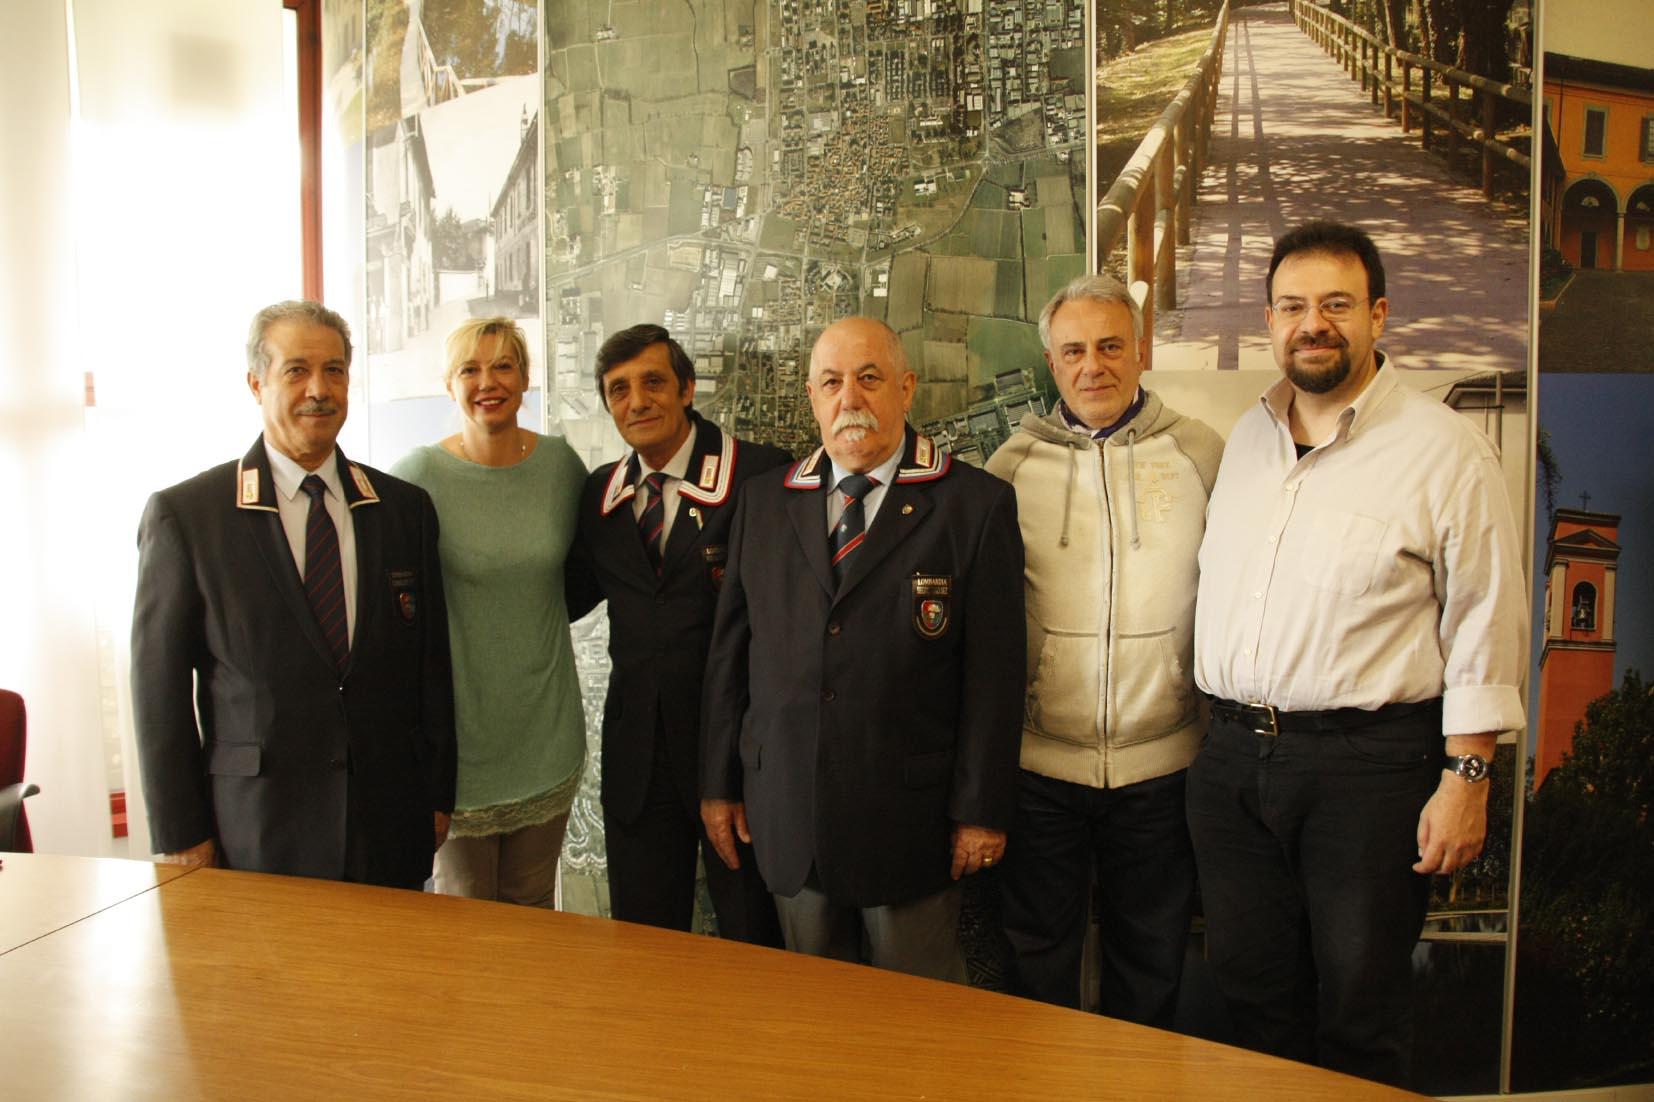 Comune e Associazione Carabinieri in congedo uniti per la Città